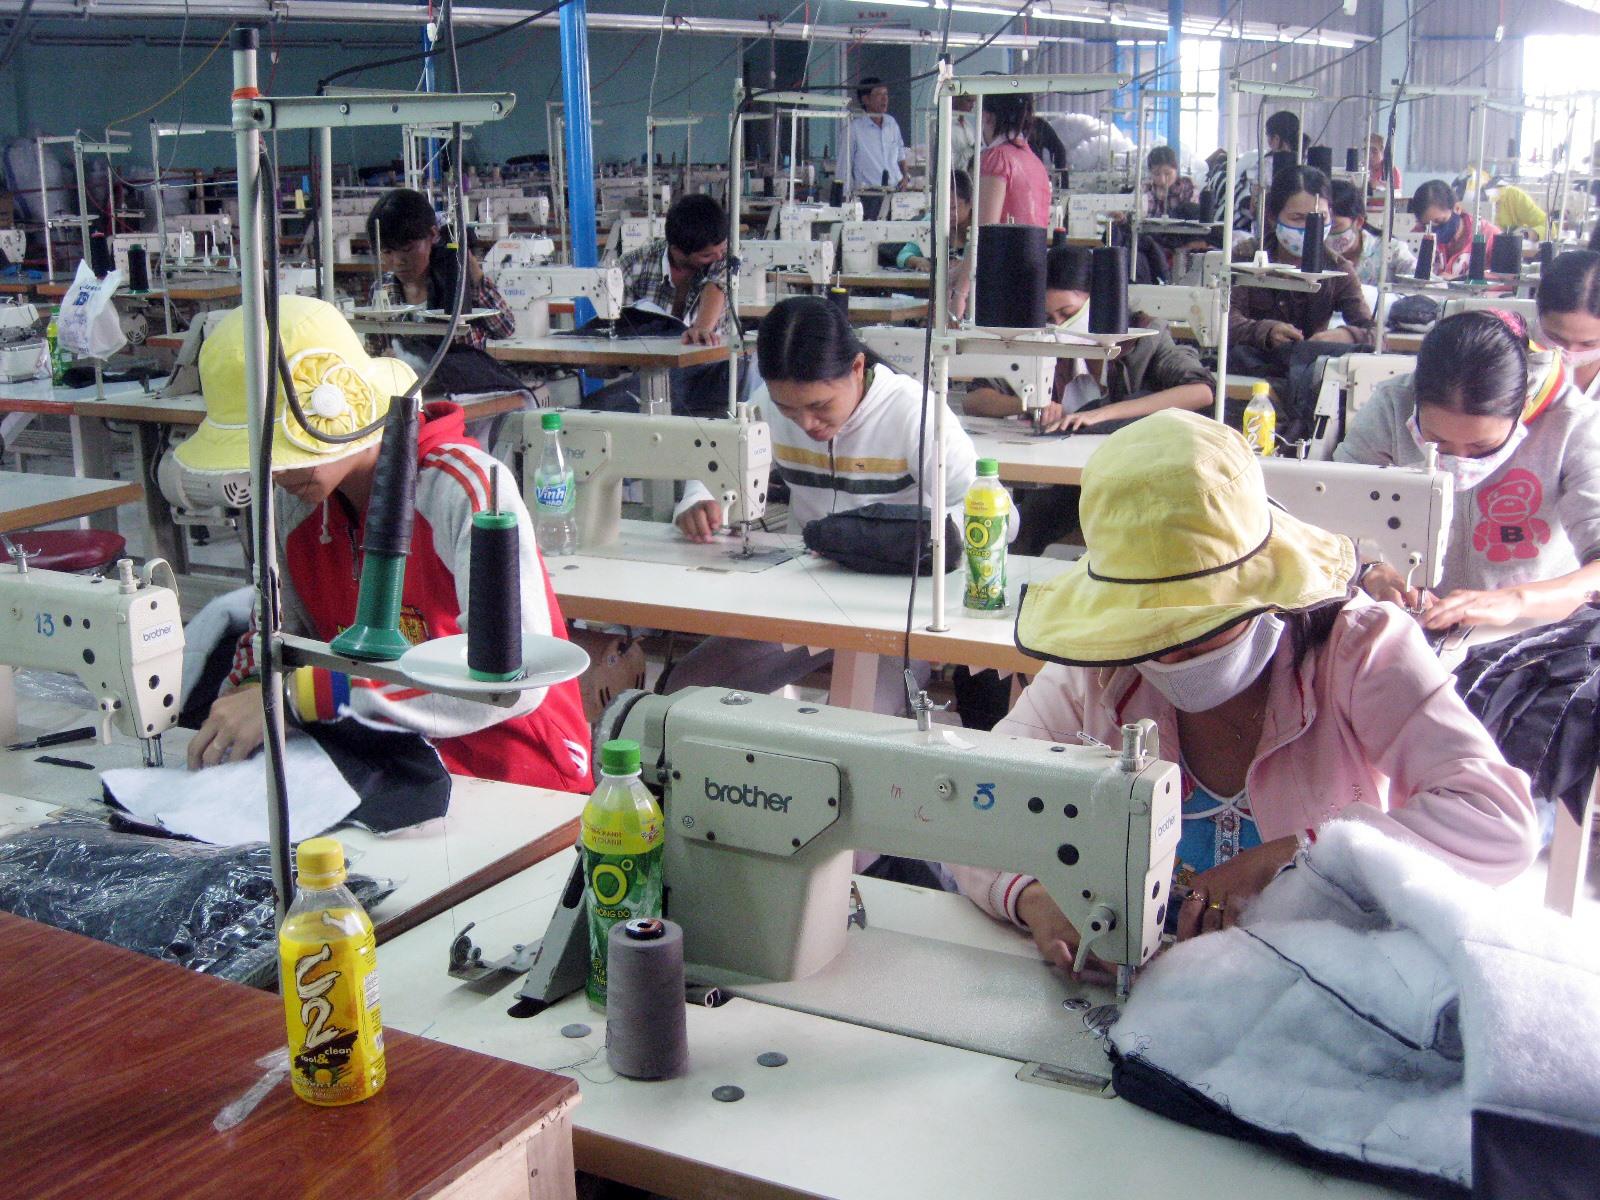 Núi Thành đang tập trung nhiều giải pháp nhằm giữ vững và nâng cao tốc độ phát triển công nghiệp trên địa bàn. Ảnh: T.C